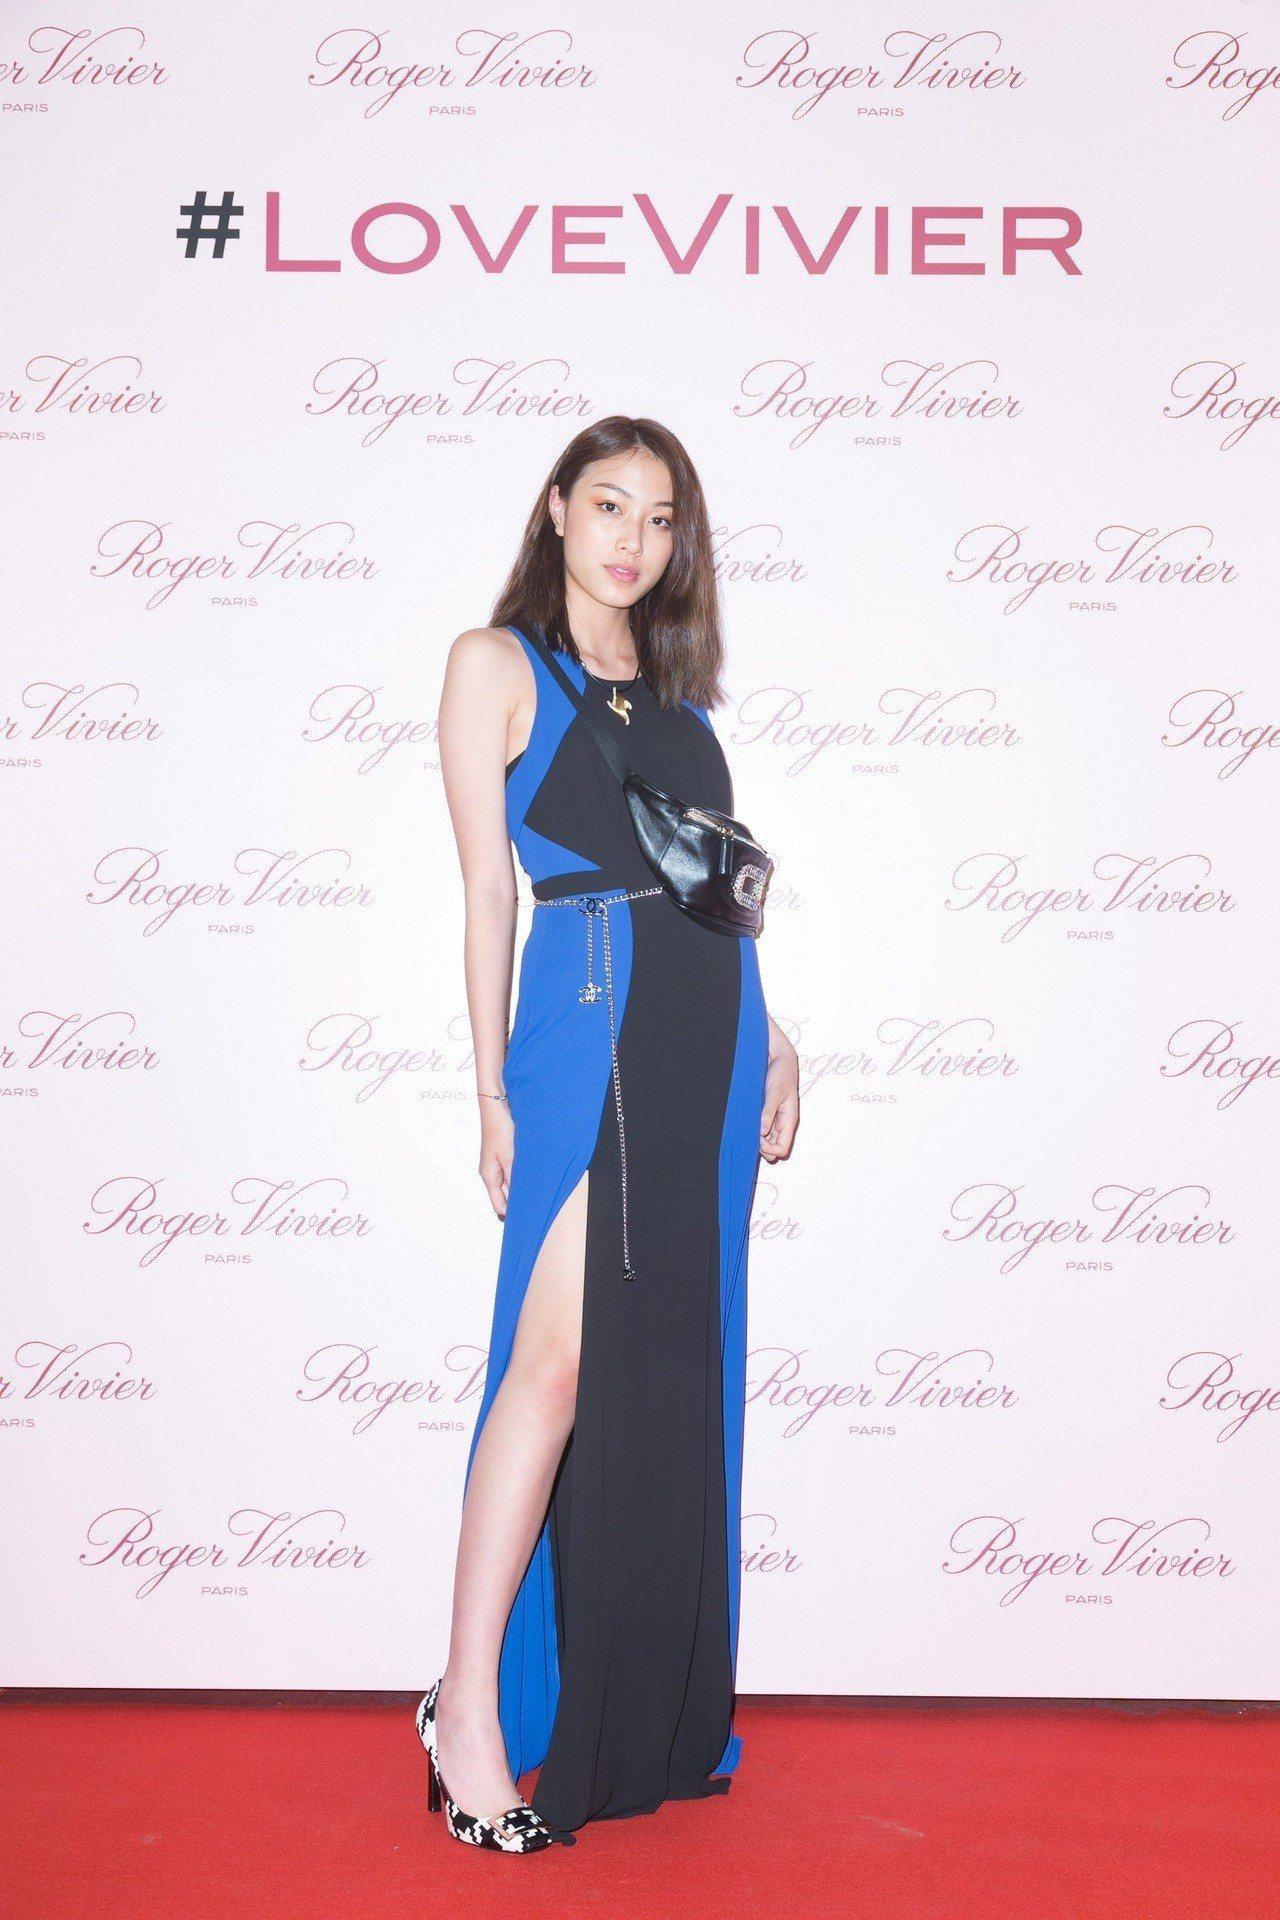 游鴻明女兒游宇潼配戴Roger Vivier水鑽釦飾腰包出席活動。圖/迪生提供